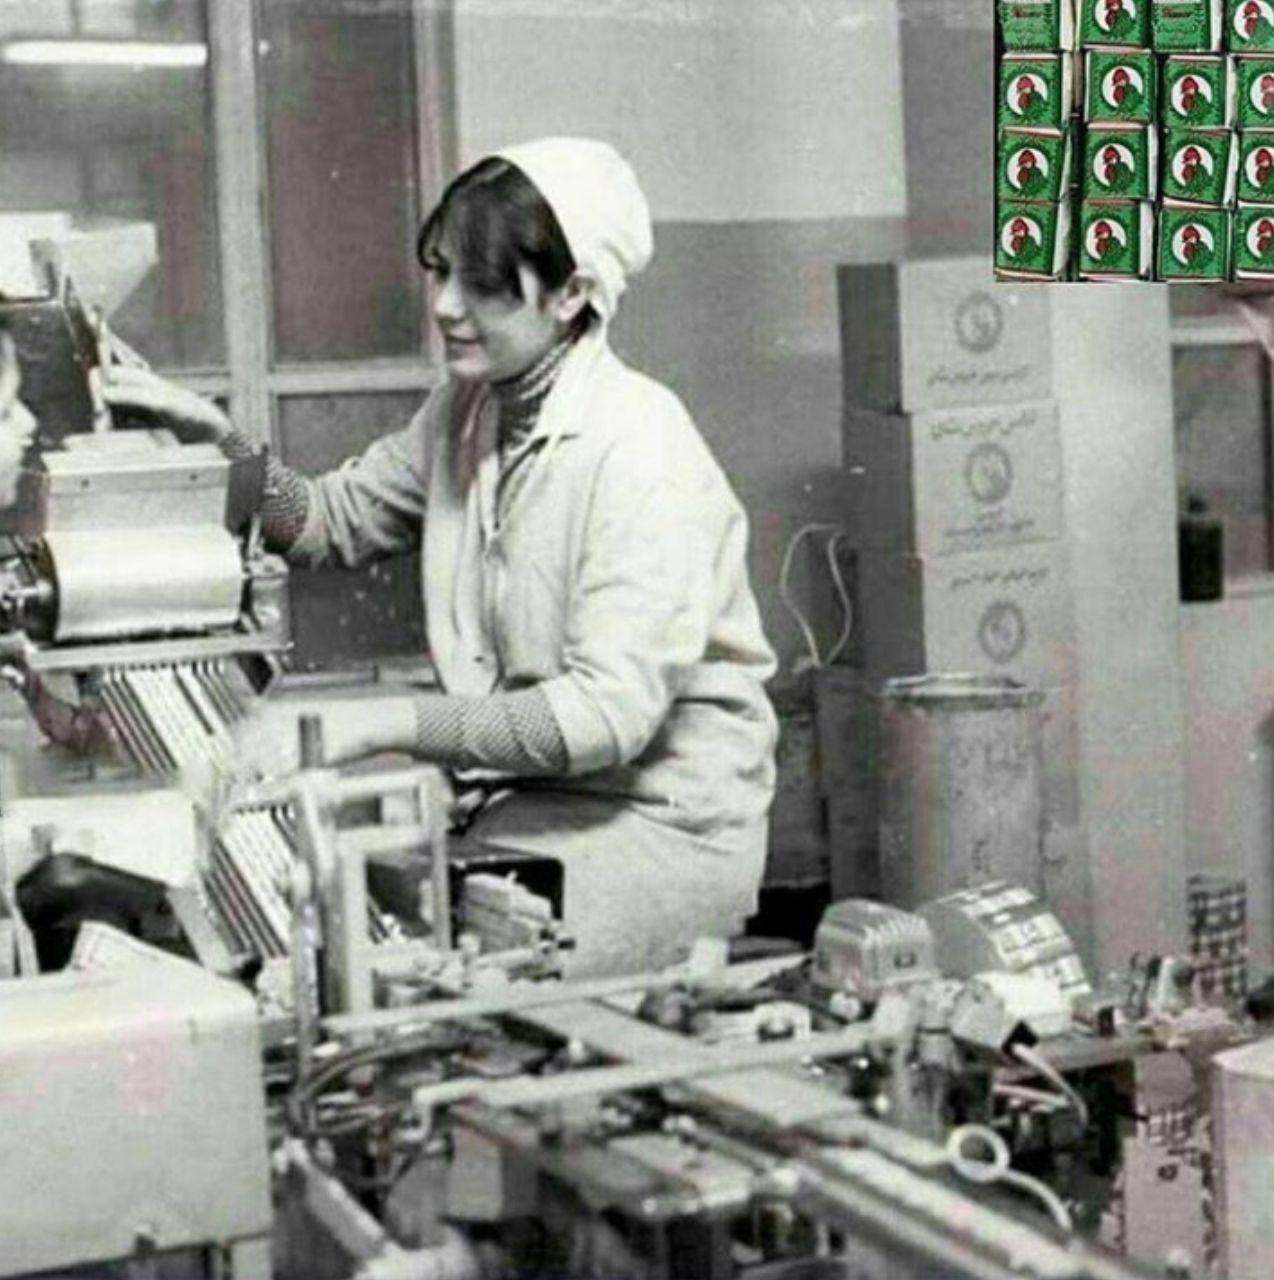 کارخانه آدامس خروس در دهه ۵۰ +عکس